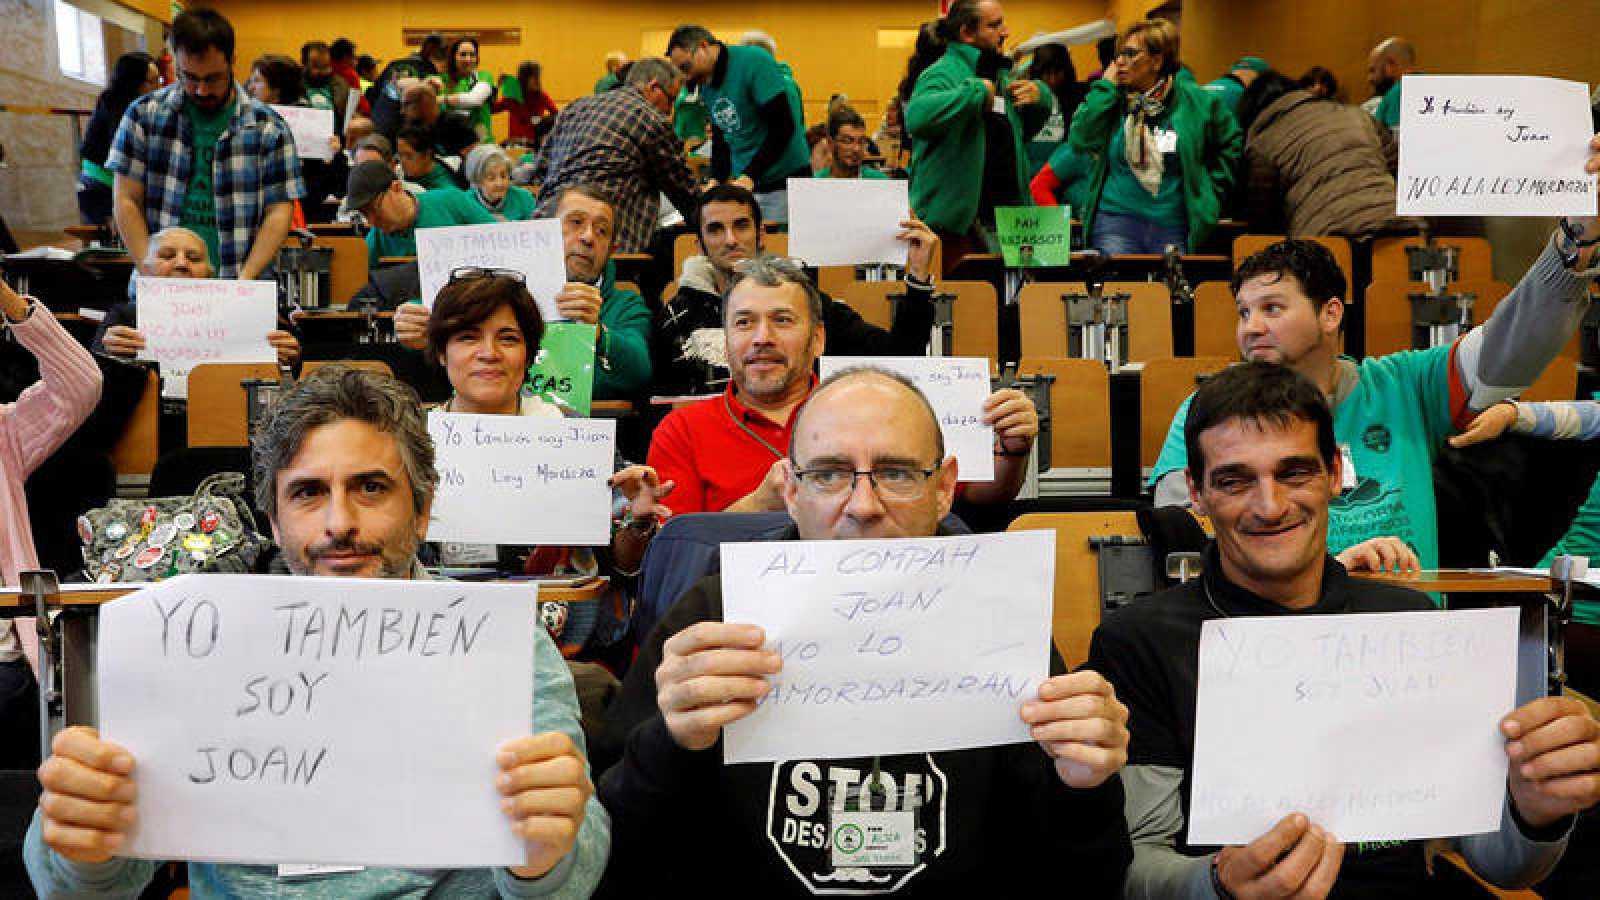 """Miembros de la Plataforma de Afectados por la Hipoteca (PAH) muestran carteles con el lema """"Yo también soy Joan"""" al finalizar su asamblea estatal en Valencia. EFE/Kai Försterling"""